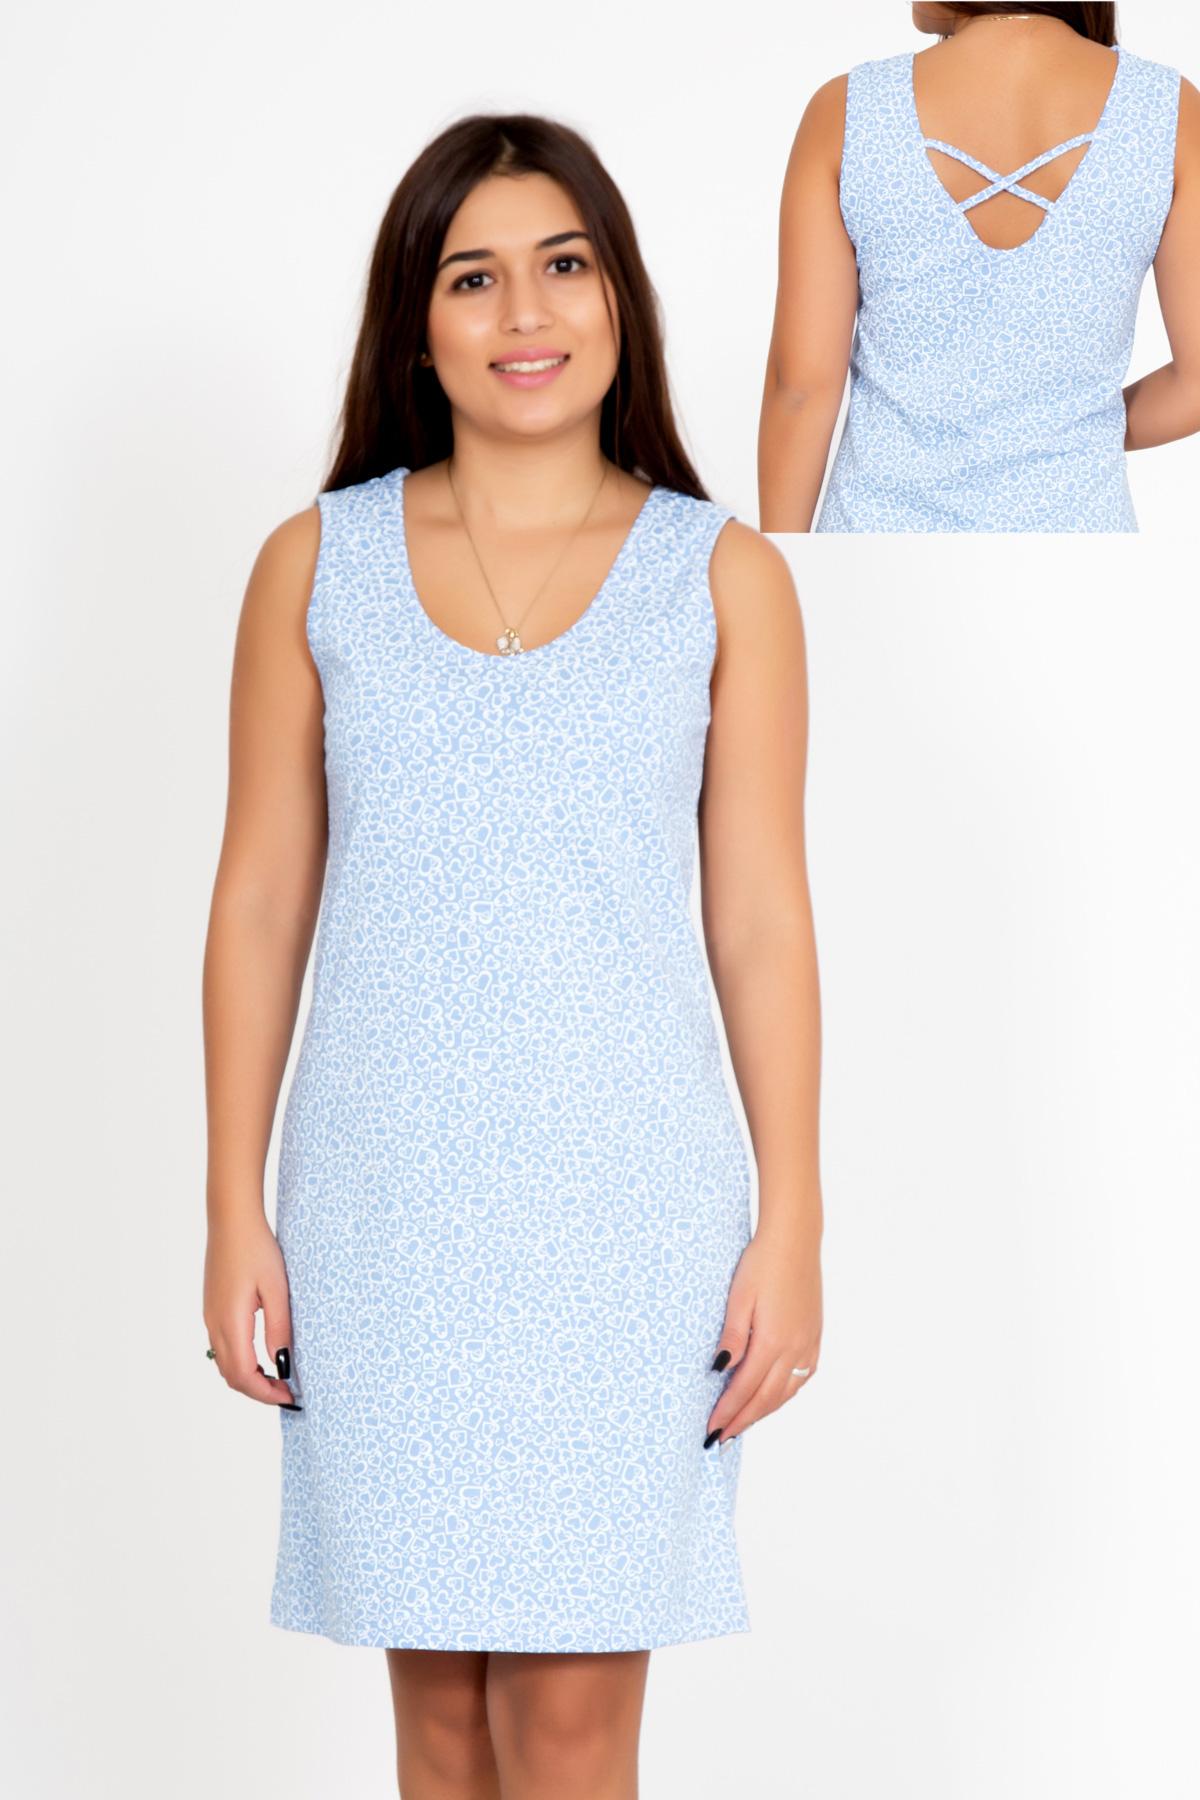 Жен. сорочка Влада Голубой р. 44Ночные сорочки<br>Факт. ОГ: 86 см <br>Факт. ОТ: 82 см <br>Факт. ОБ: 92 см <br>Длина по спинке: 88 см<br><br>Тип: Жен. сорочка<br>Размер: 44<br>Материал: Кулирка